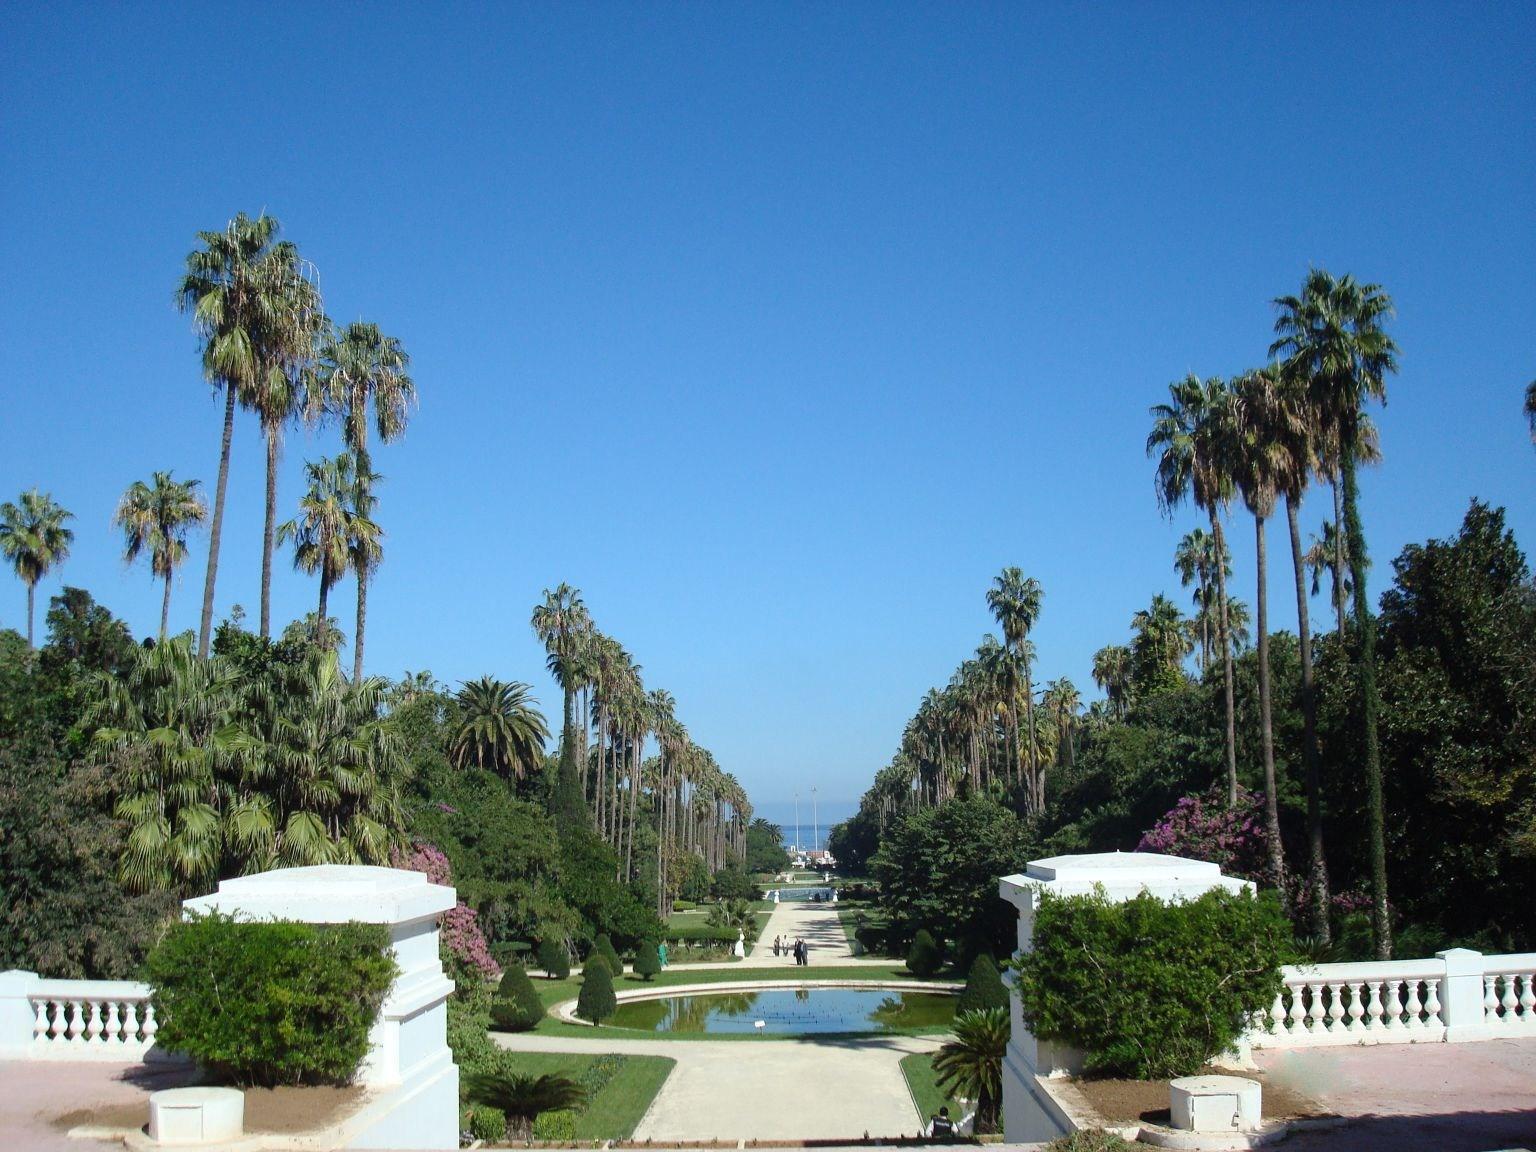 Fond D Écran Algerie télécharger fonds d'écran alger - le jardin d'essai gratuitement